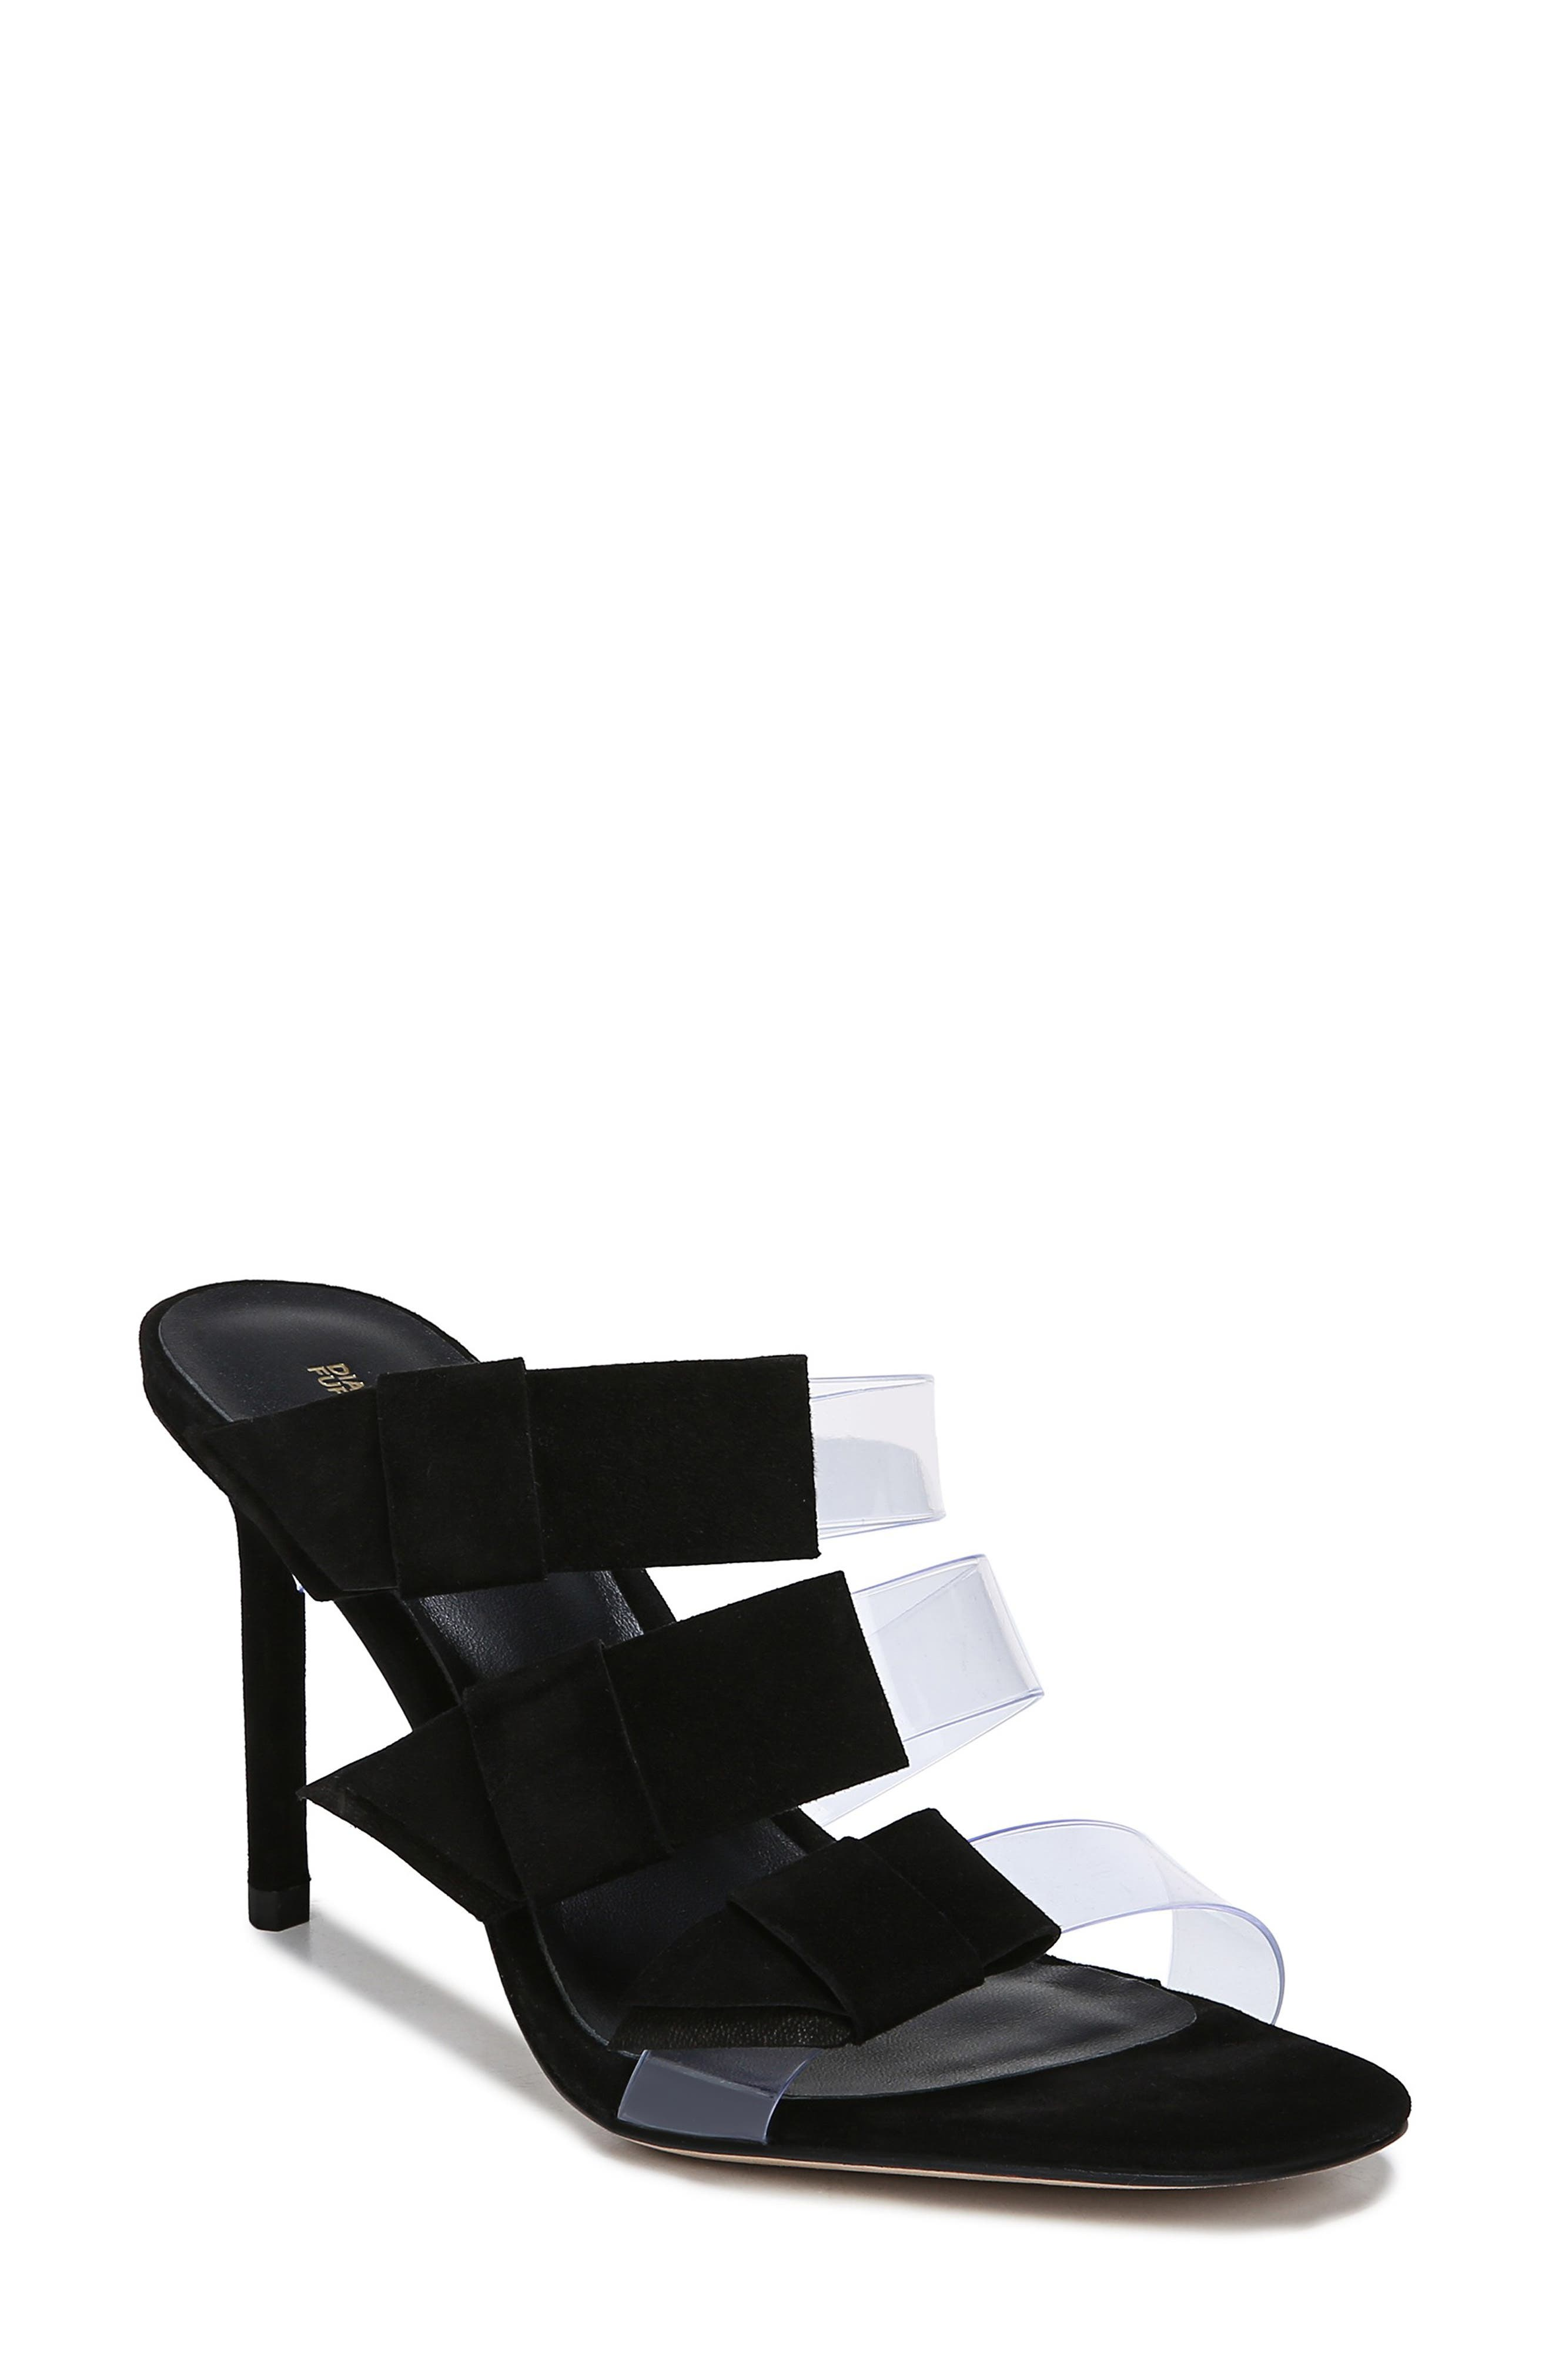 Diane Von Furstenberg Amari Triple Strap Sandal- Black